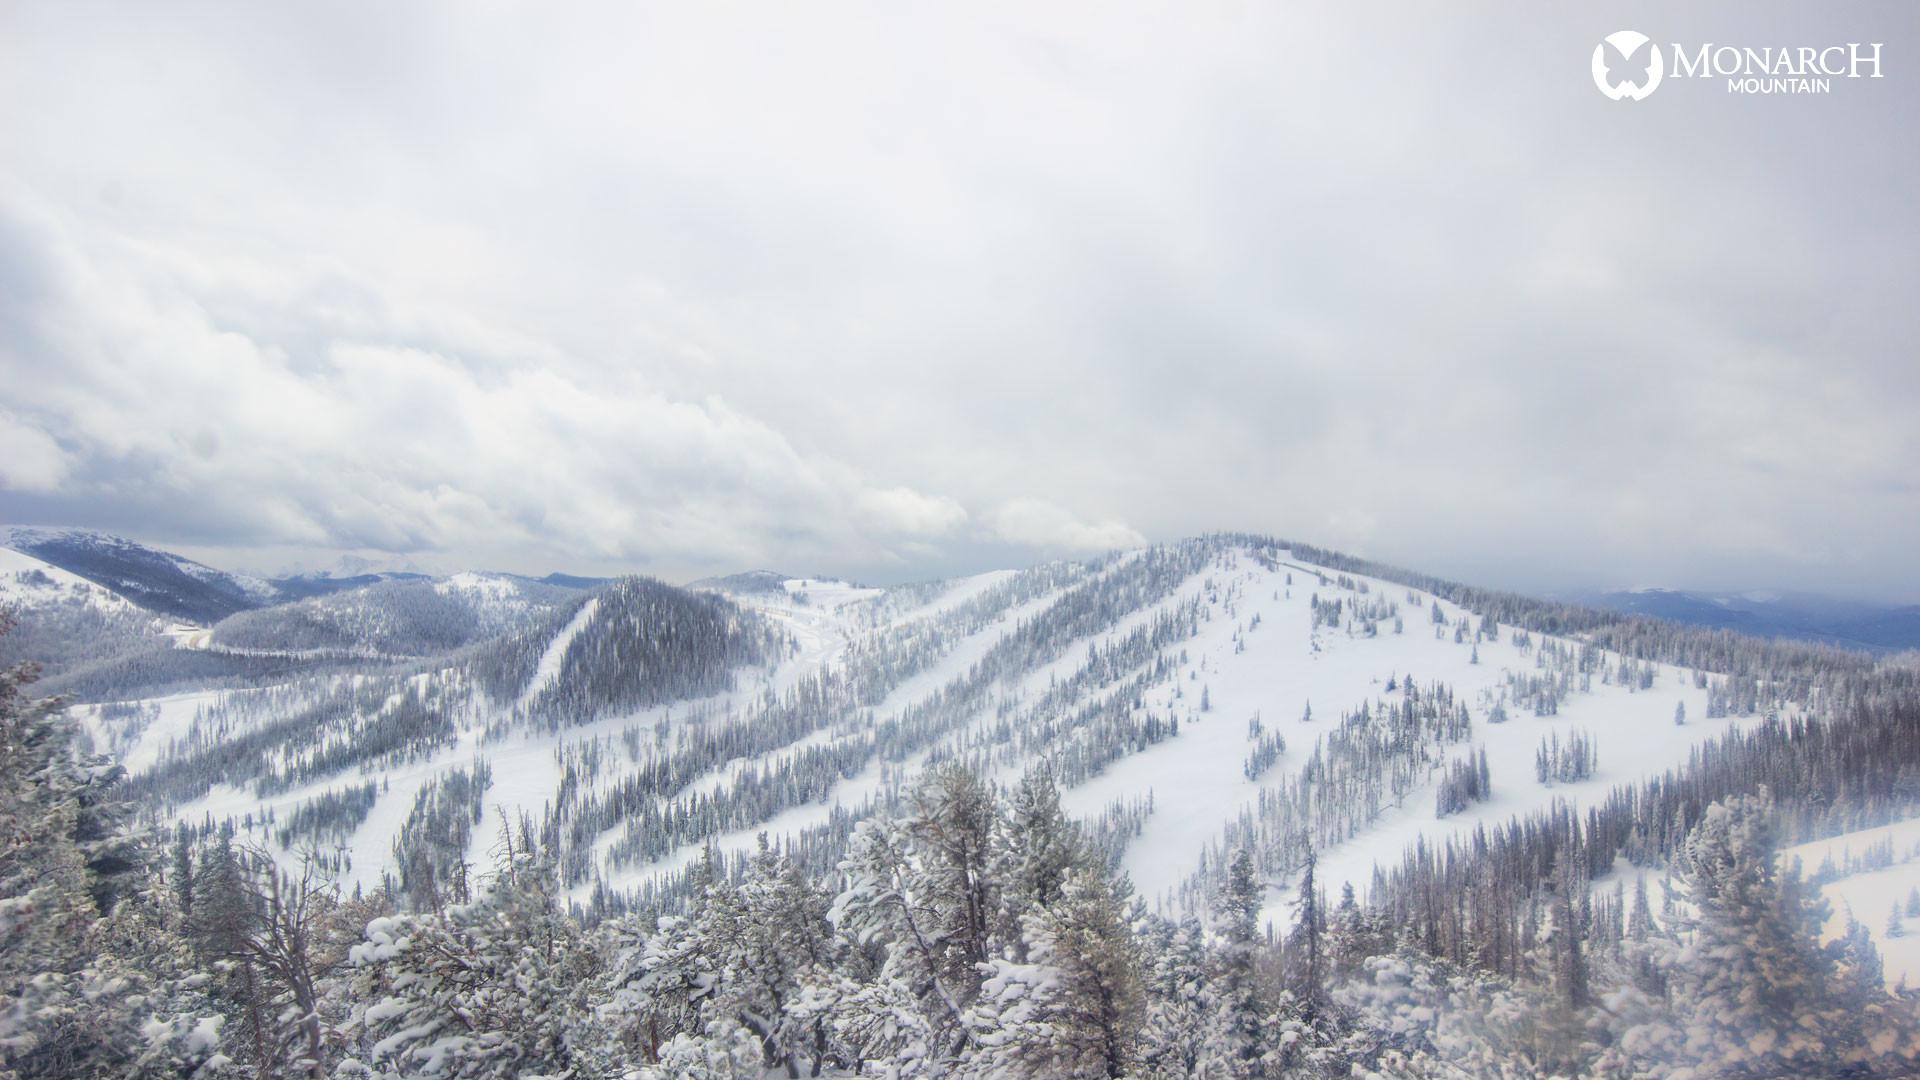 Monarch Mountain around noon Tuesday. / Photo courtesy Monarch Mountain